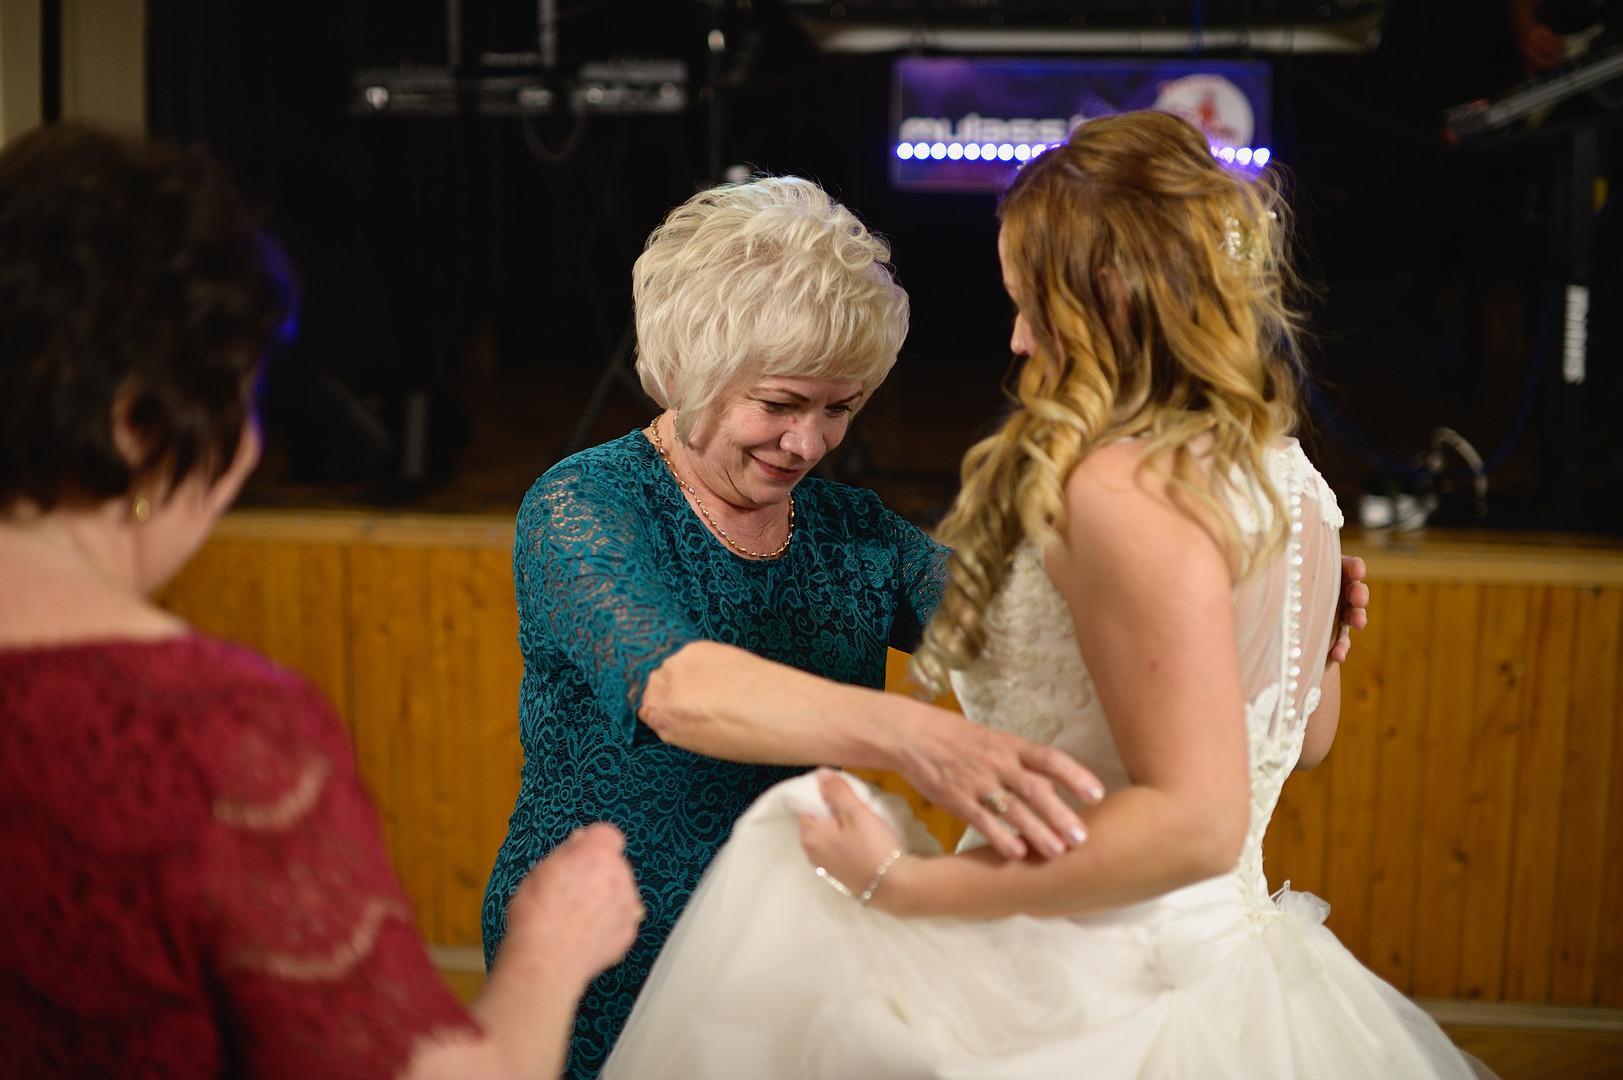 700  Esküvői fotózás - Enikő és Peti Bul